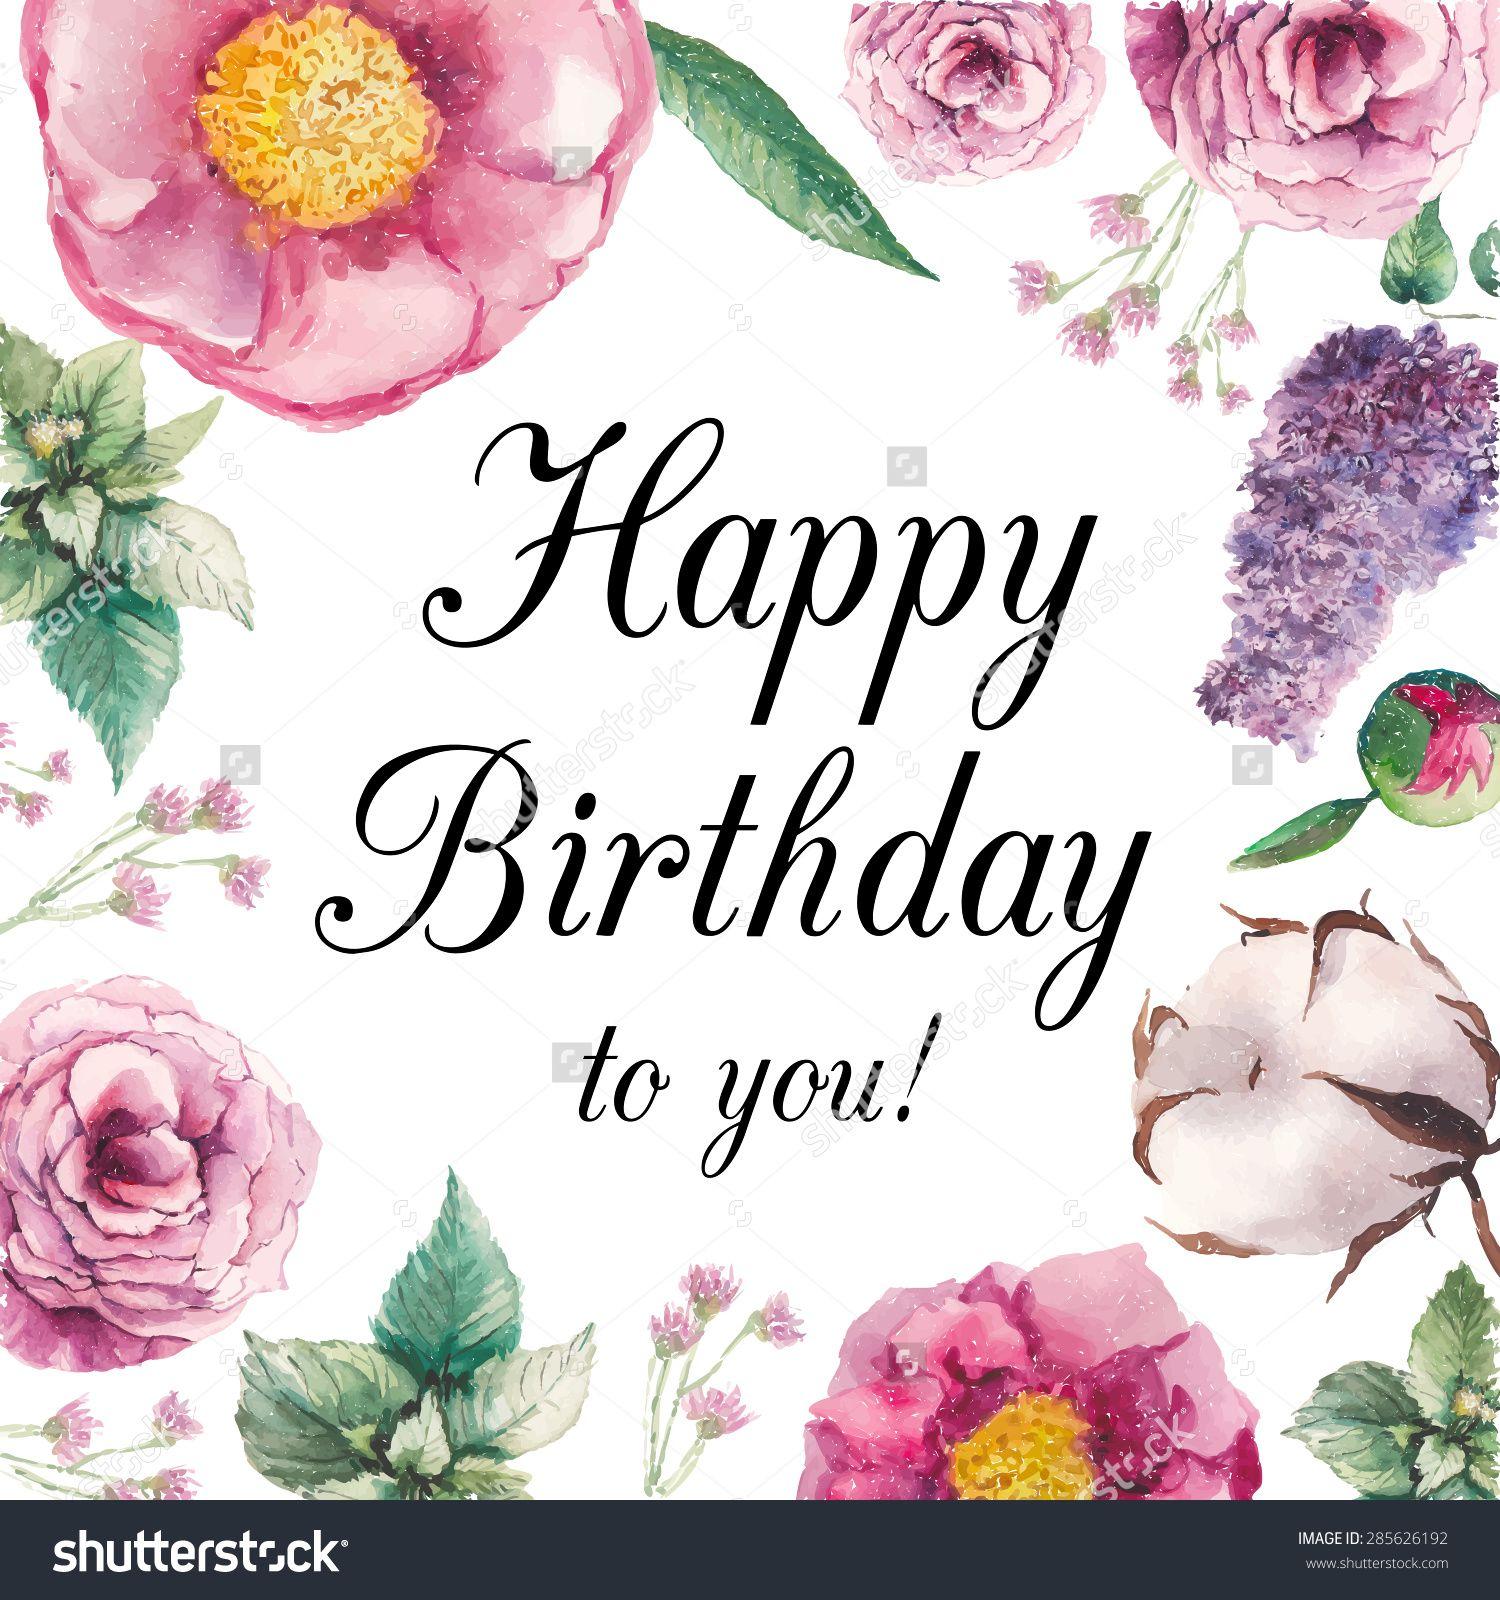 happy birthday pinterest searching happy birthday izmirmasajfo Gallery